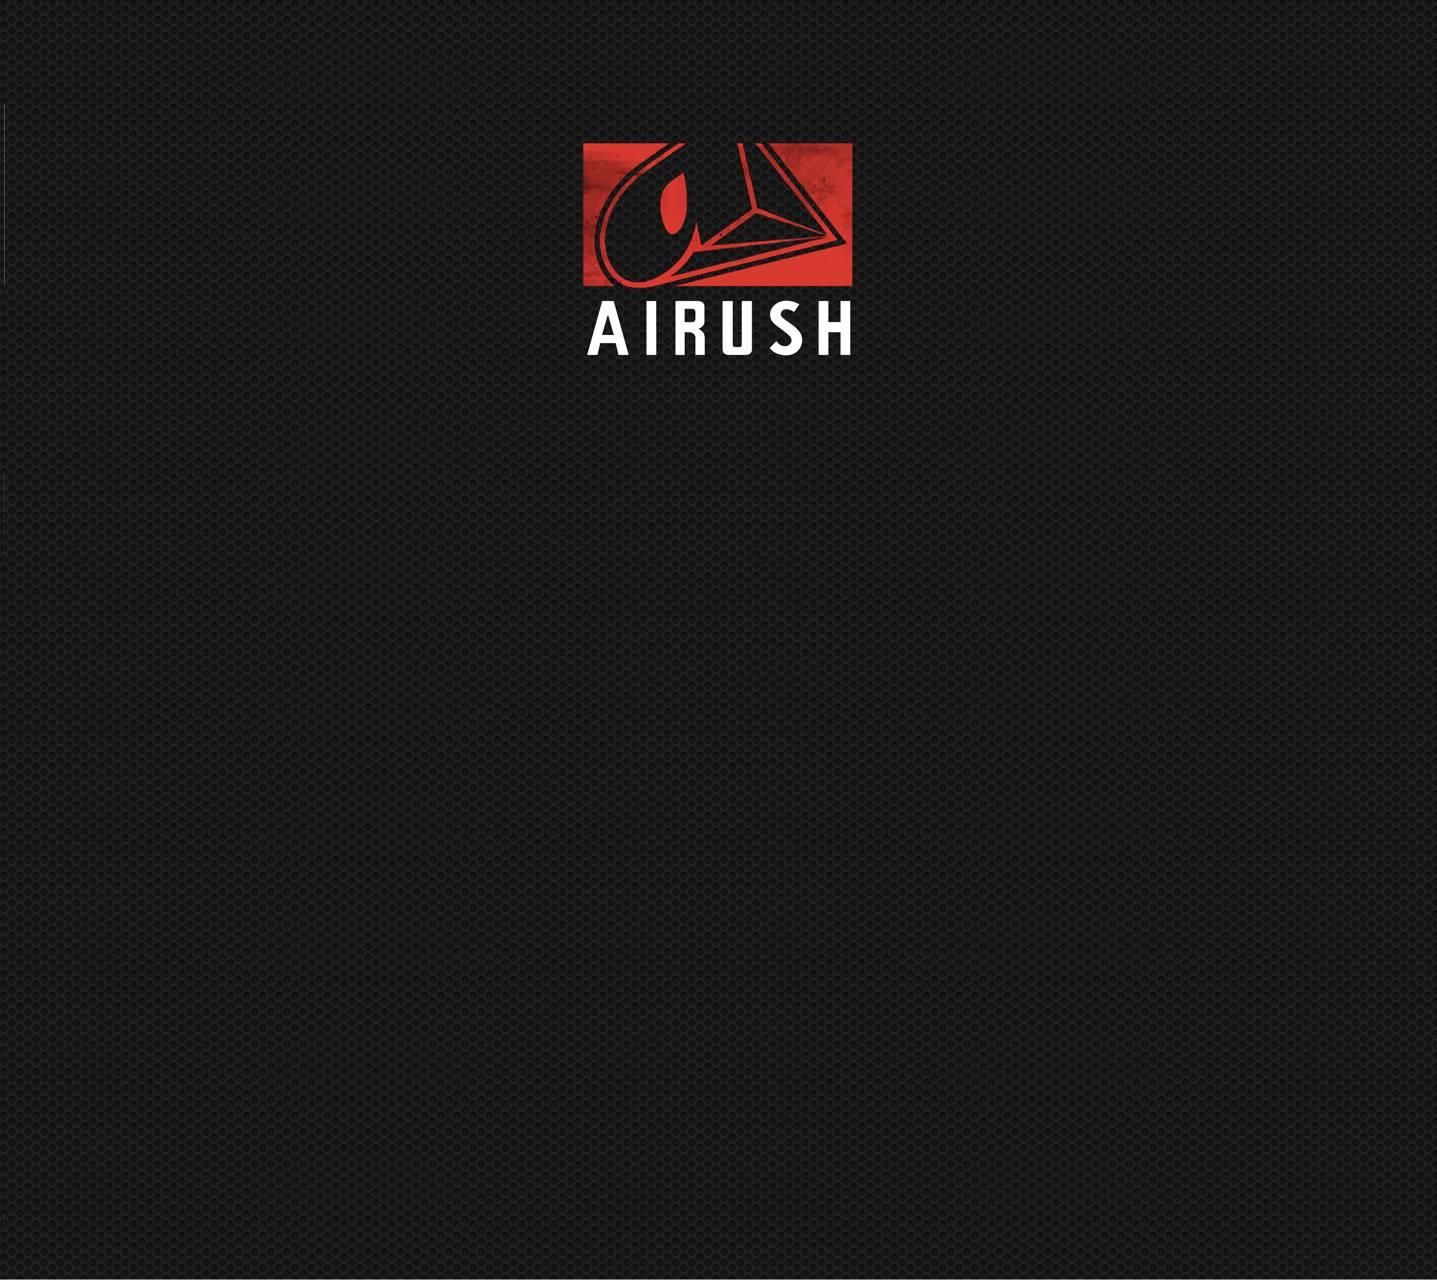 Airush Xperia